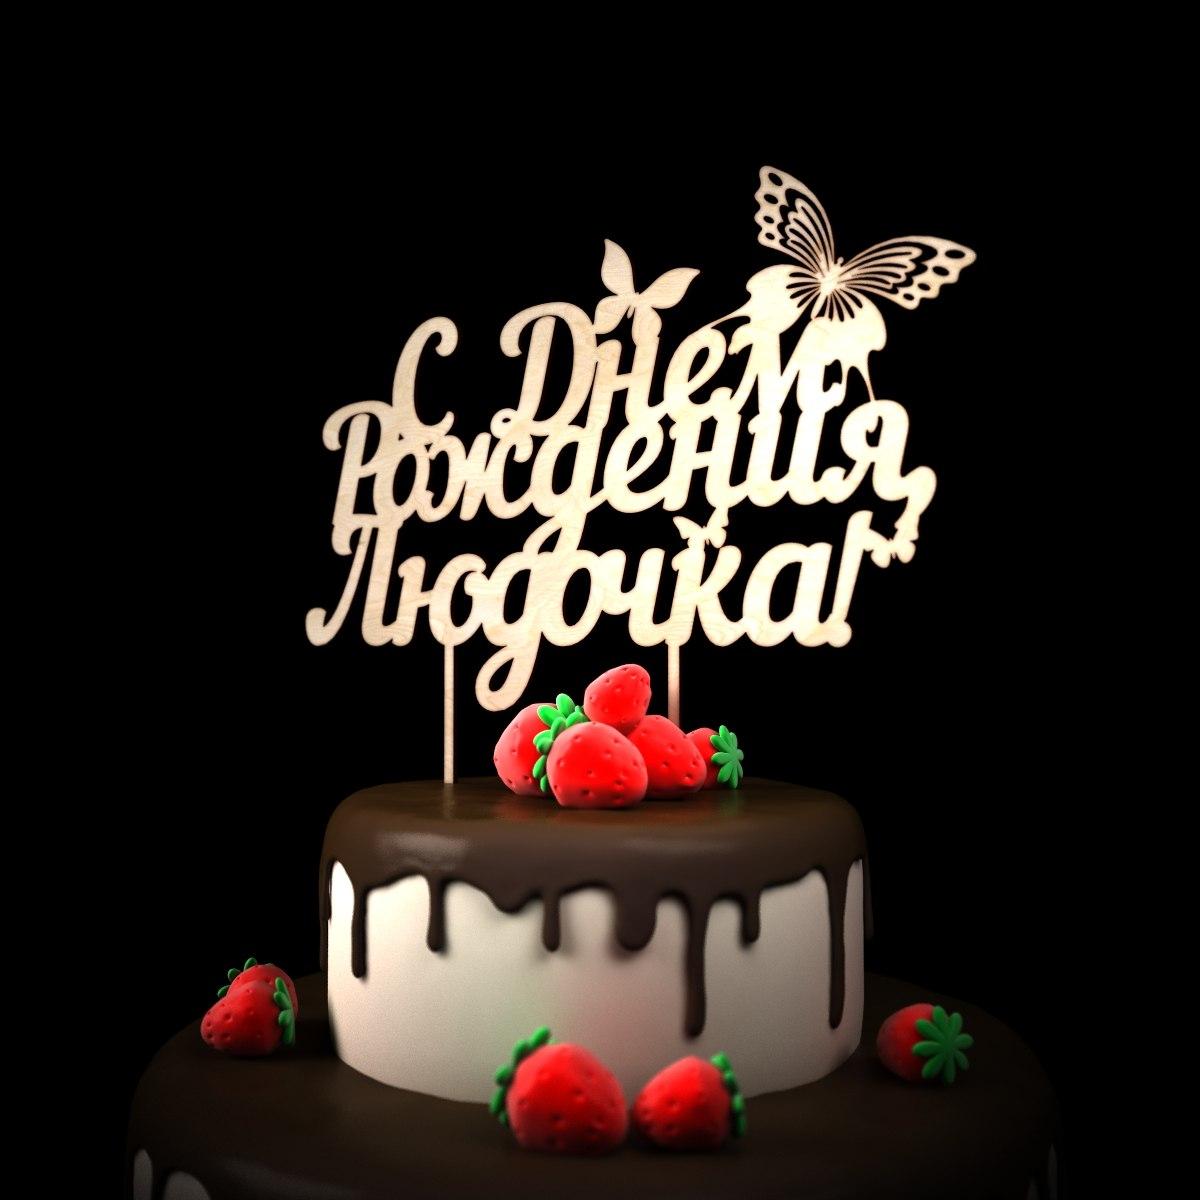 Прикольное поздравление с днем рождения людочка